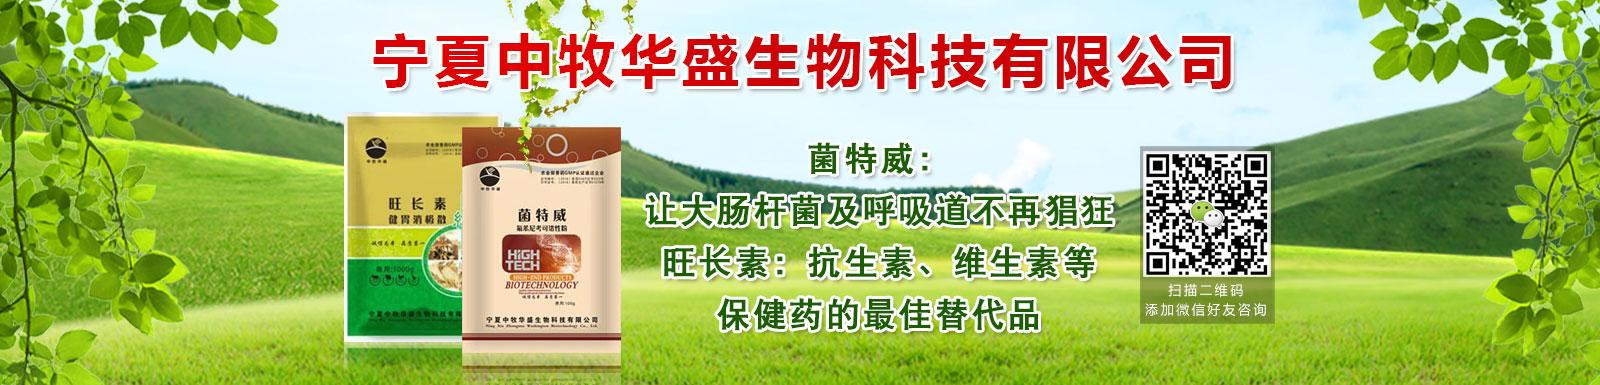 宁夏中牧华盛生物科技有限公司